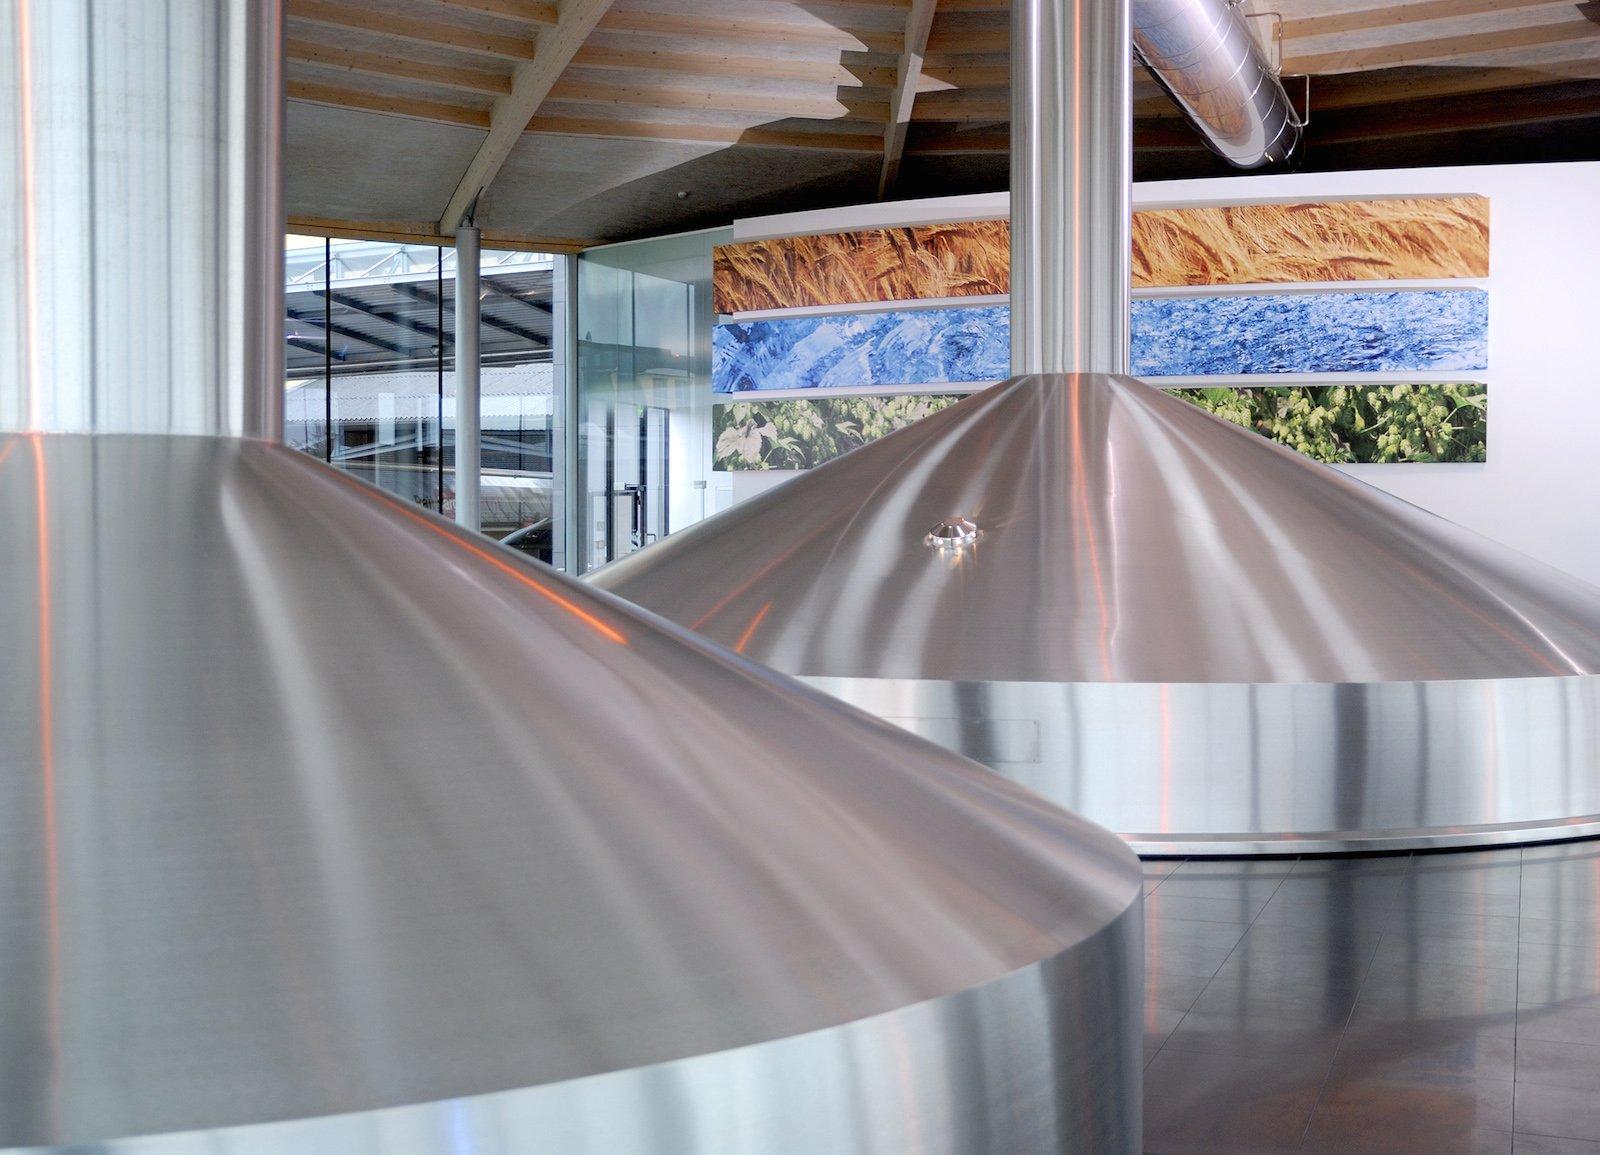 Der Brauprozess ist ein äußerst komplexer technischer Prozess und erfordert eine präzise ineinander arbeitende Prozesssteuerung. Trotzdem kann der Brauingenieur immer selbst den Herstellungsverlauf seines Bieres und Parameter wie Mengen, Temperaturen und Verweilzeiten selbst ändern und anpassen.